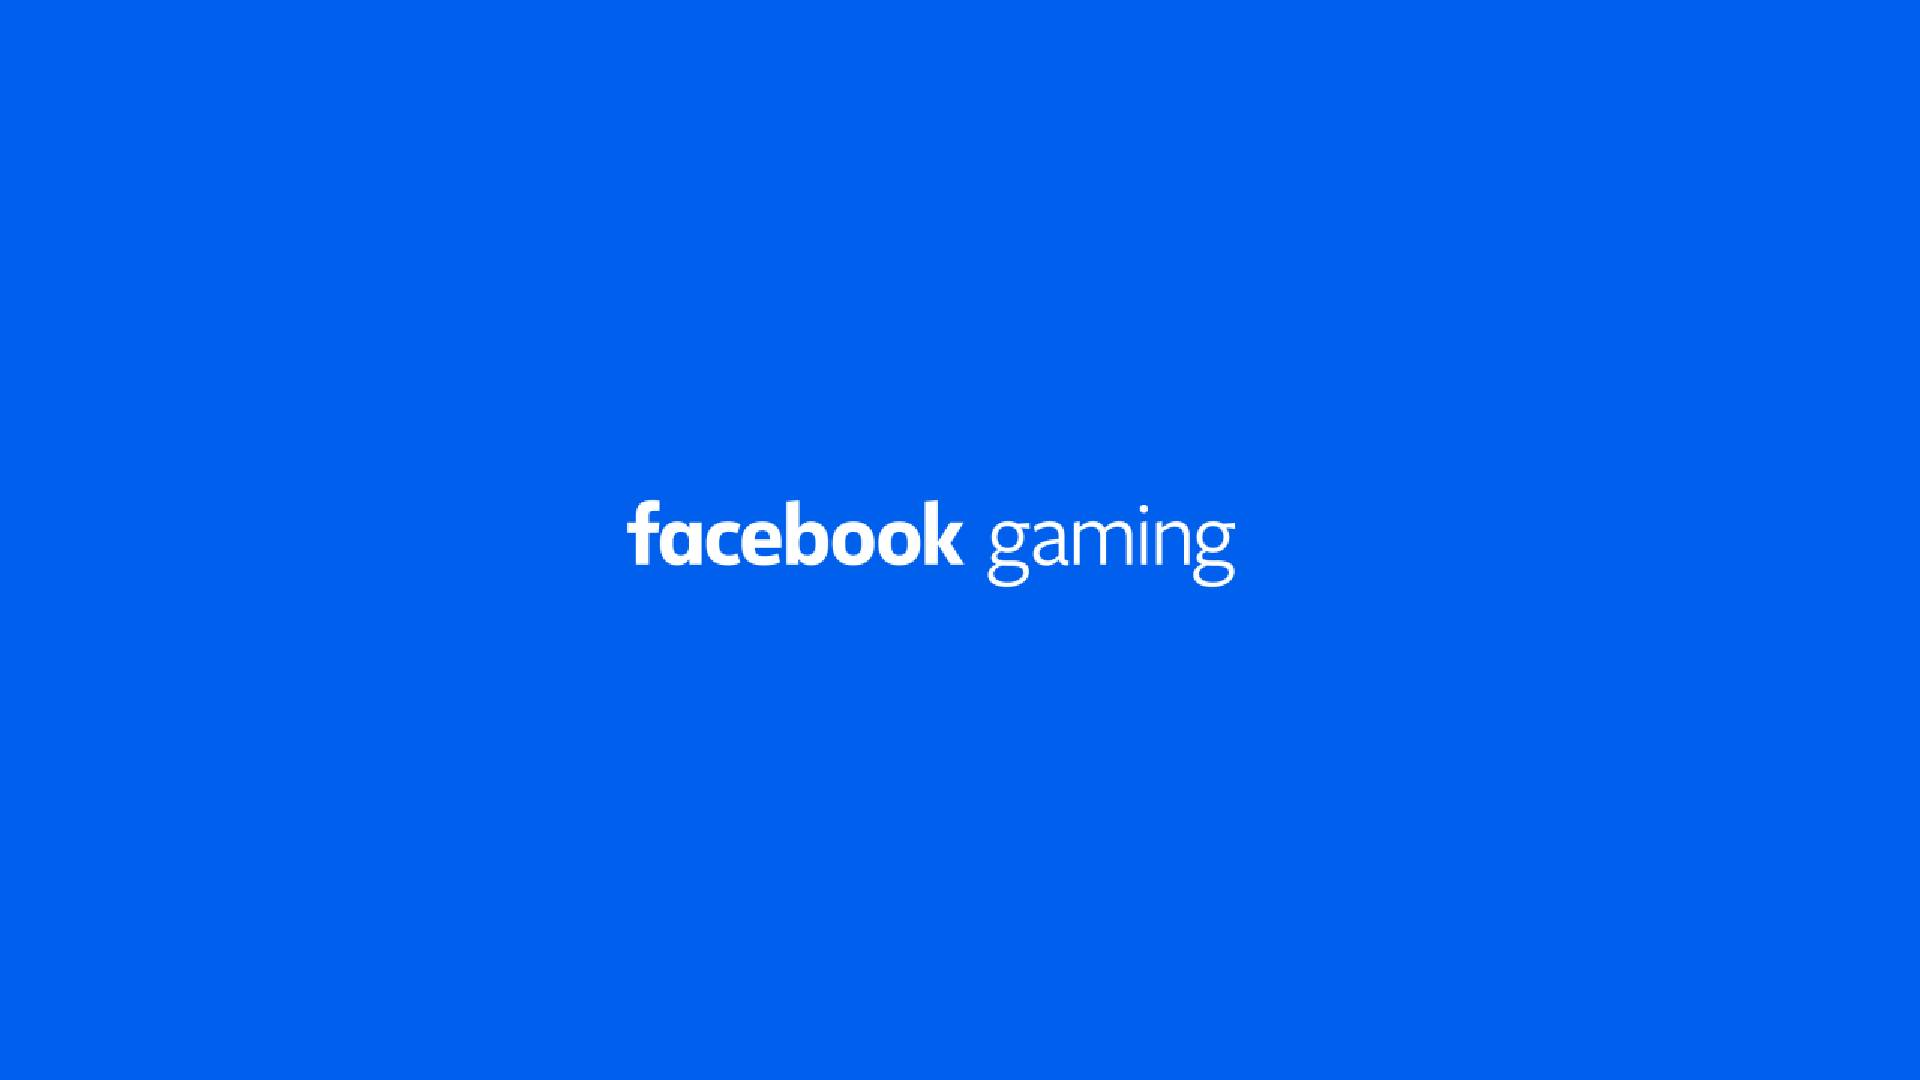 Facebook Gaming logo